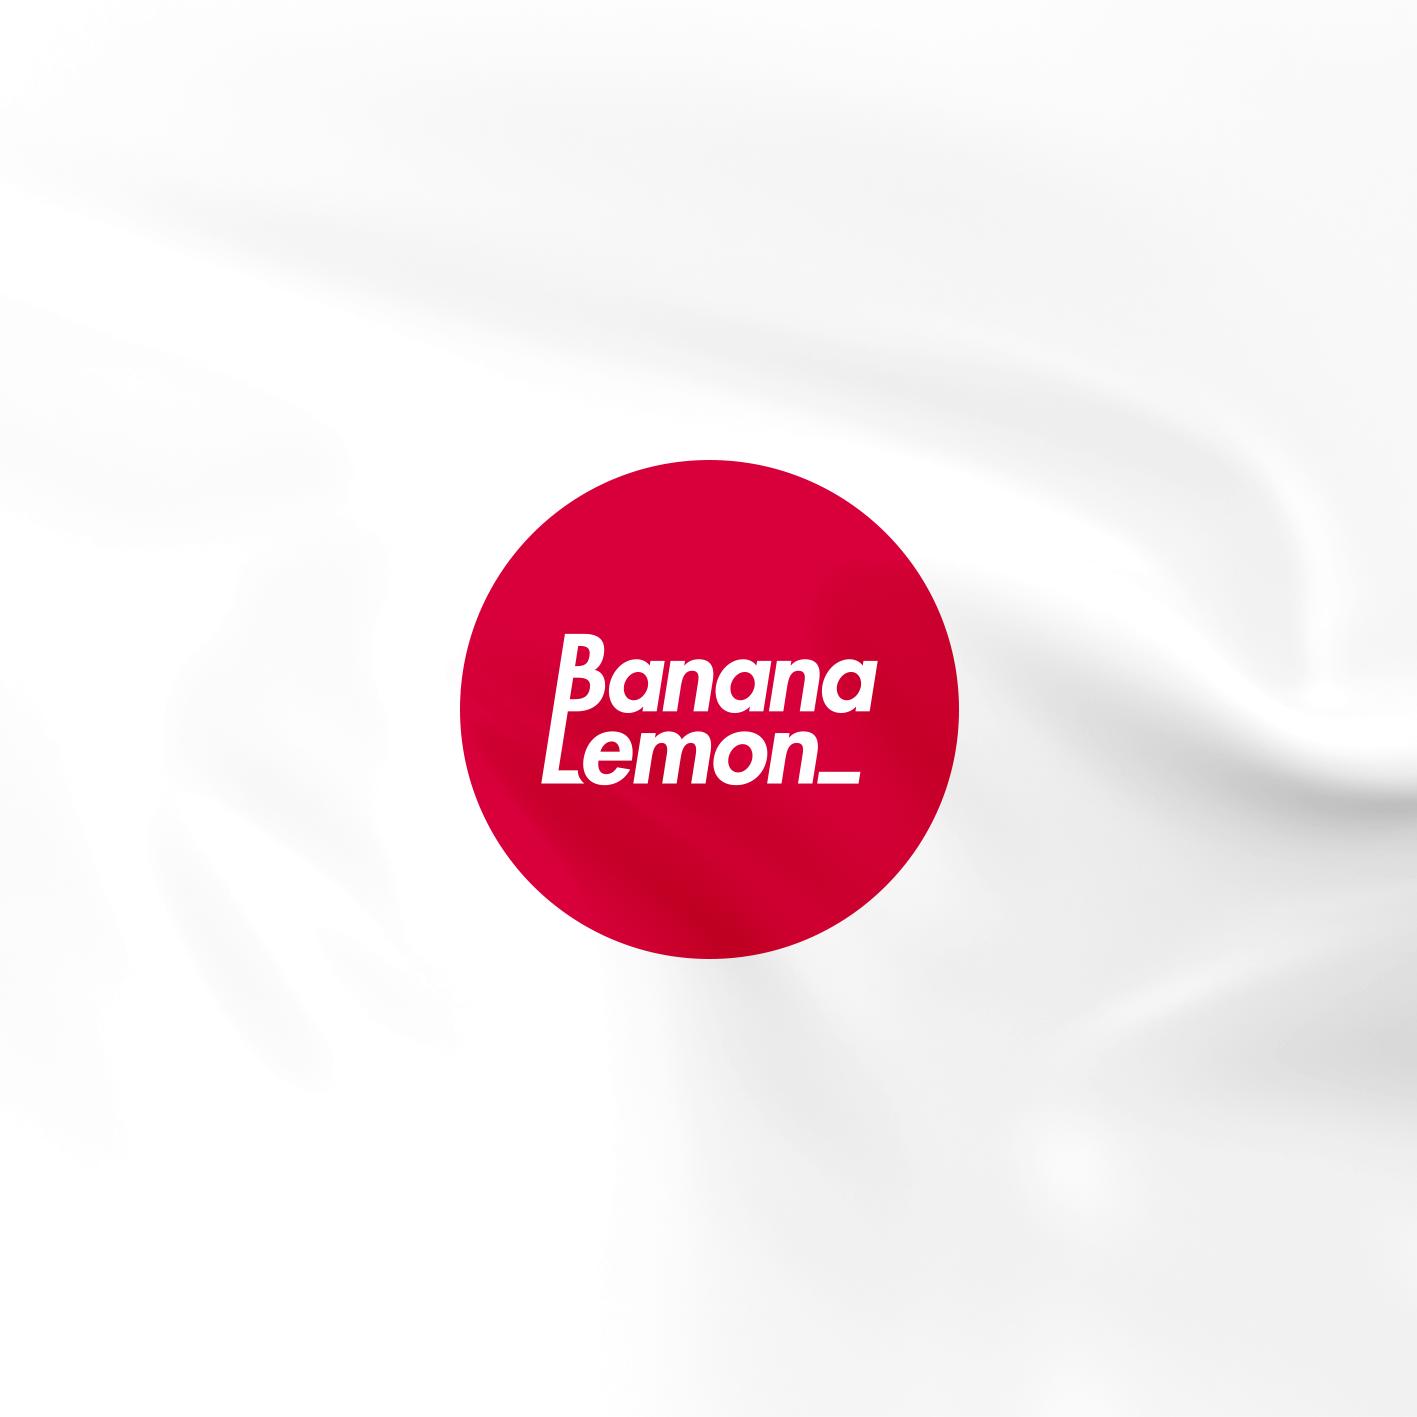 BananaLemon